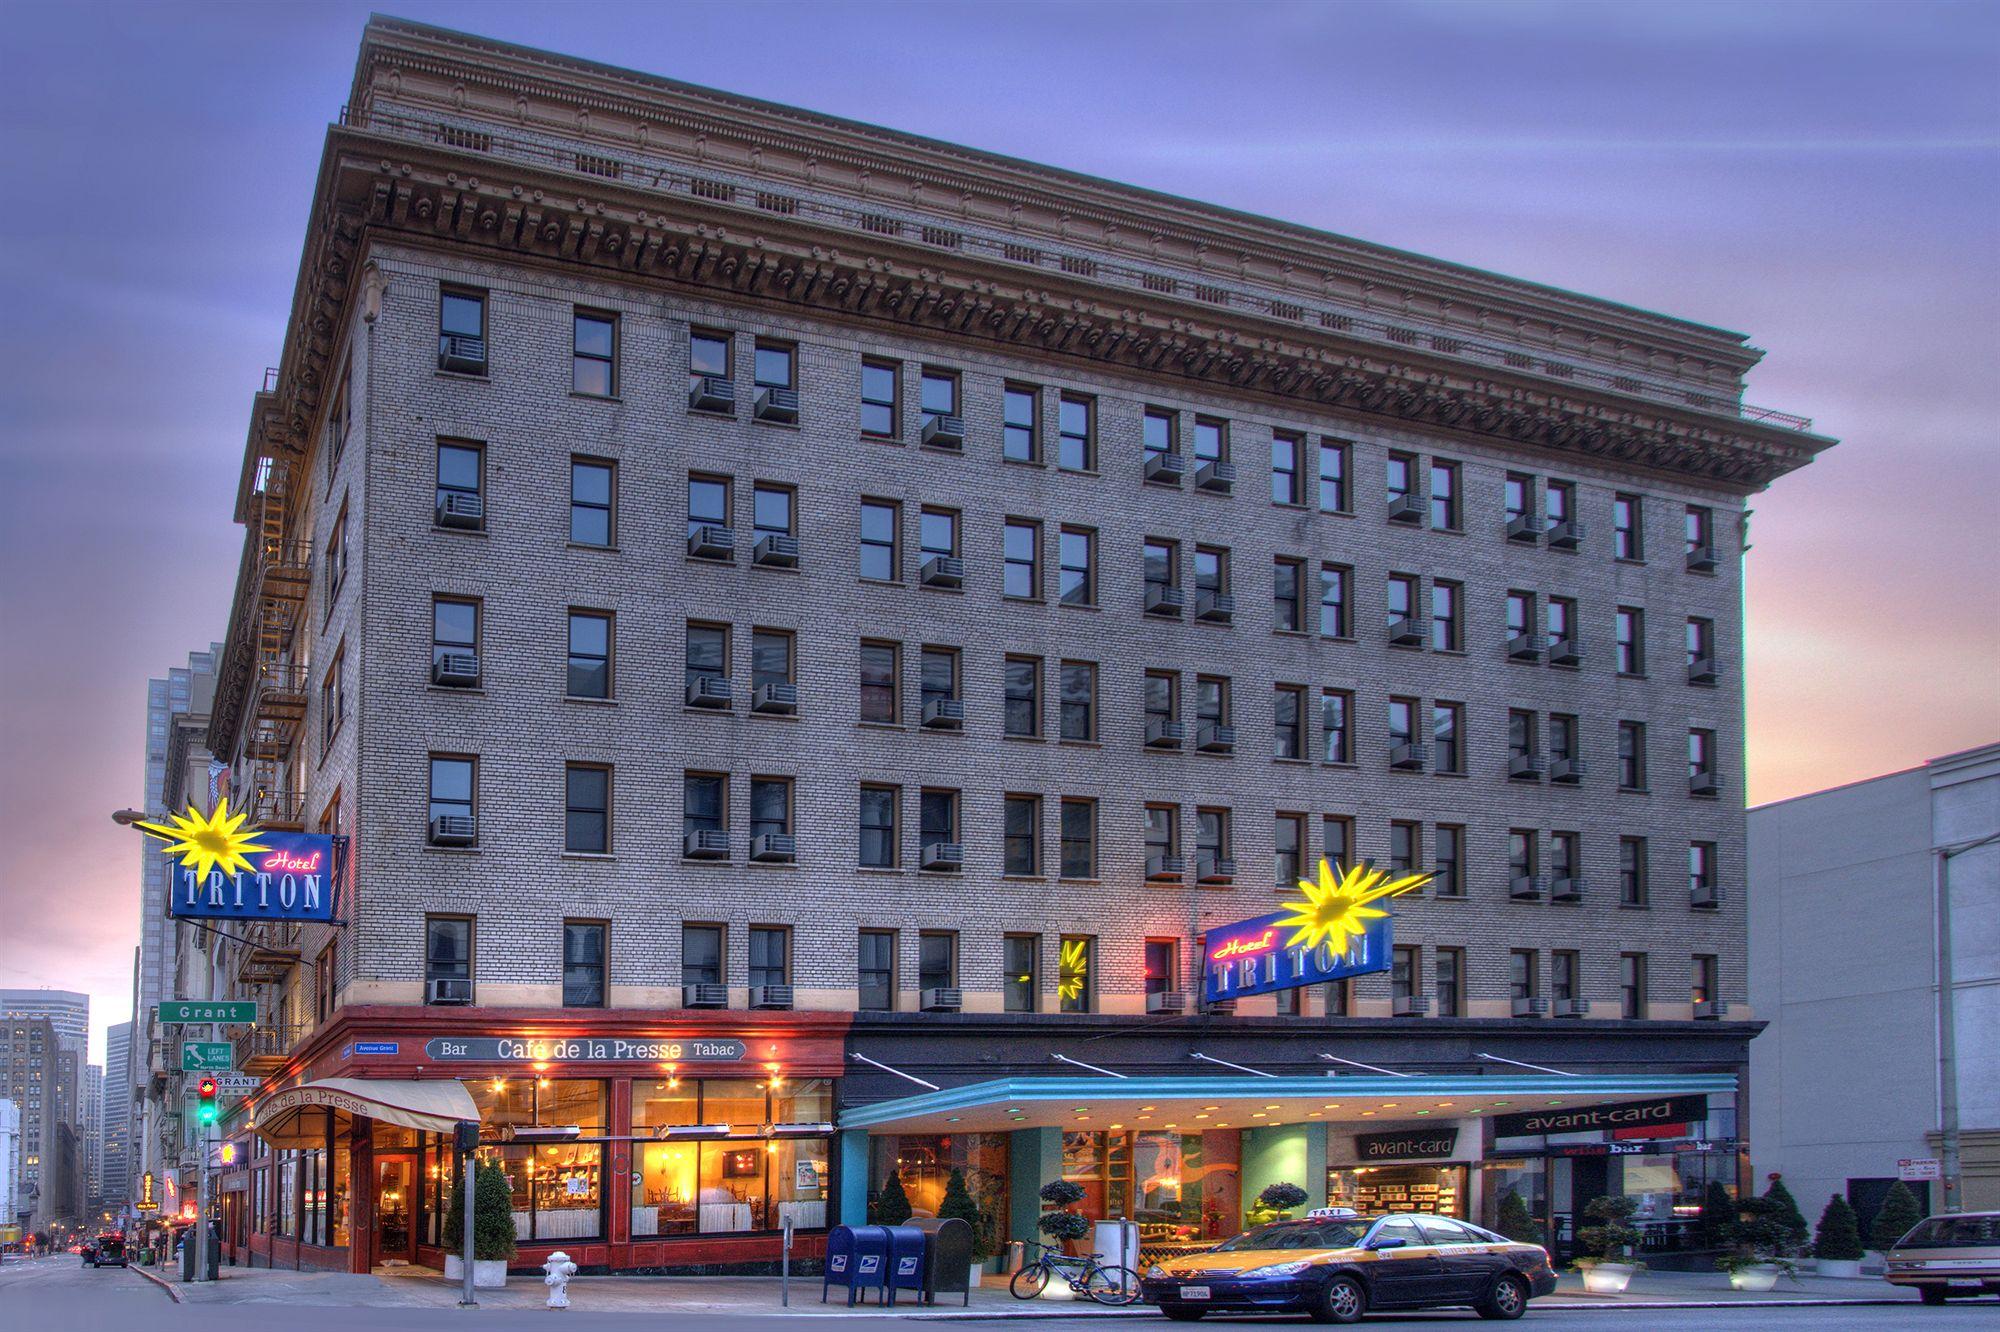 Hotel Triton in San Francisco, CA